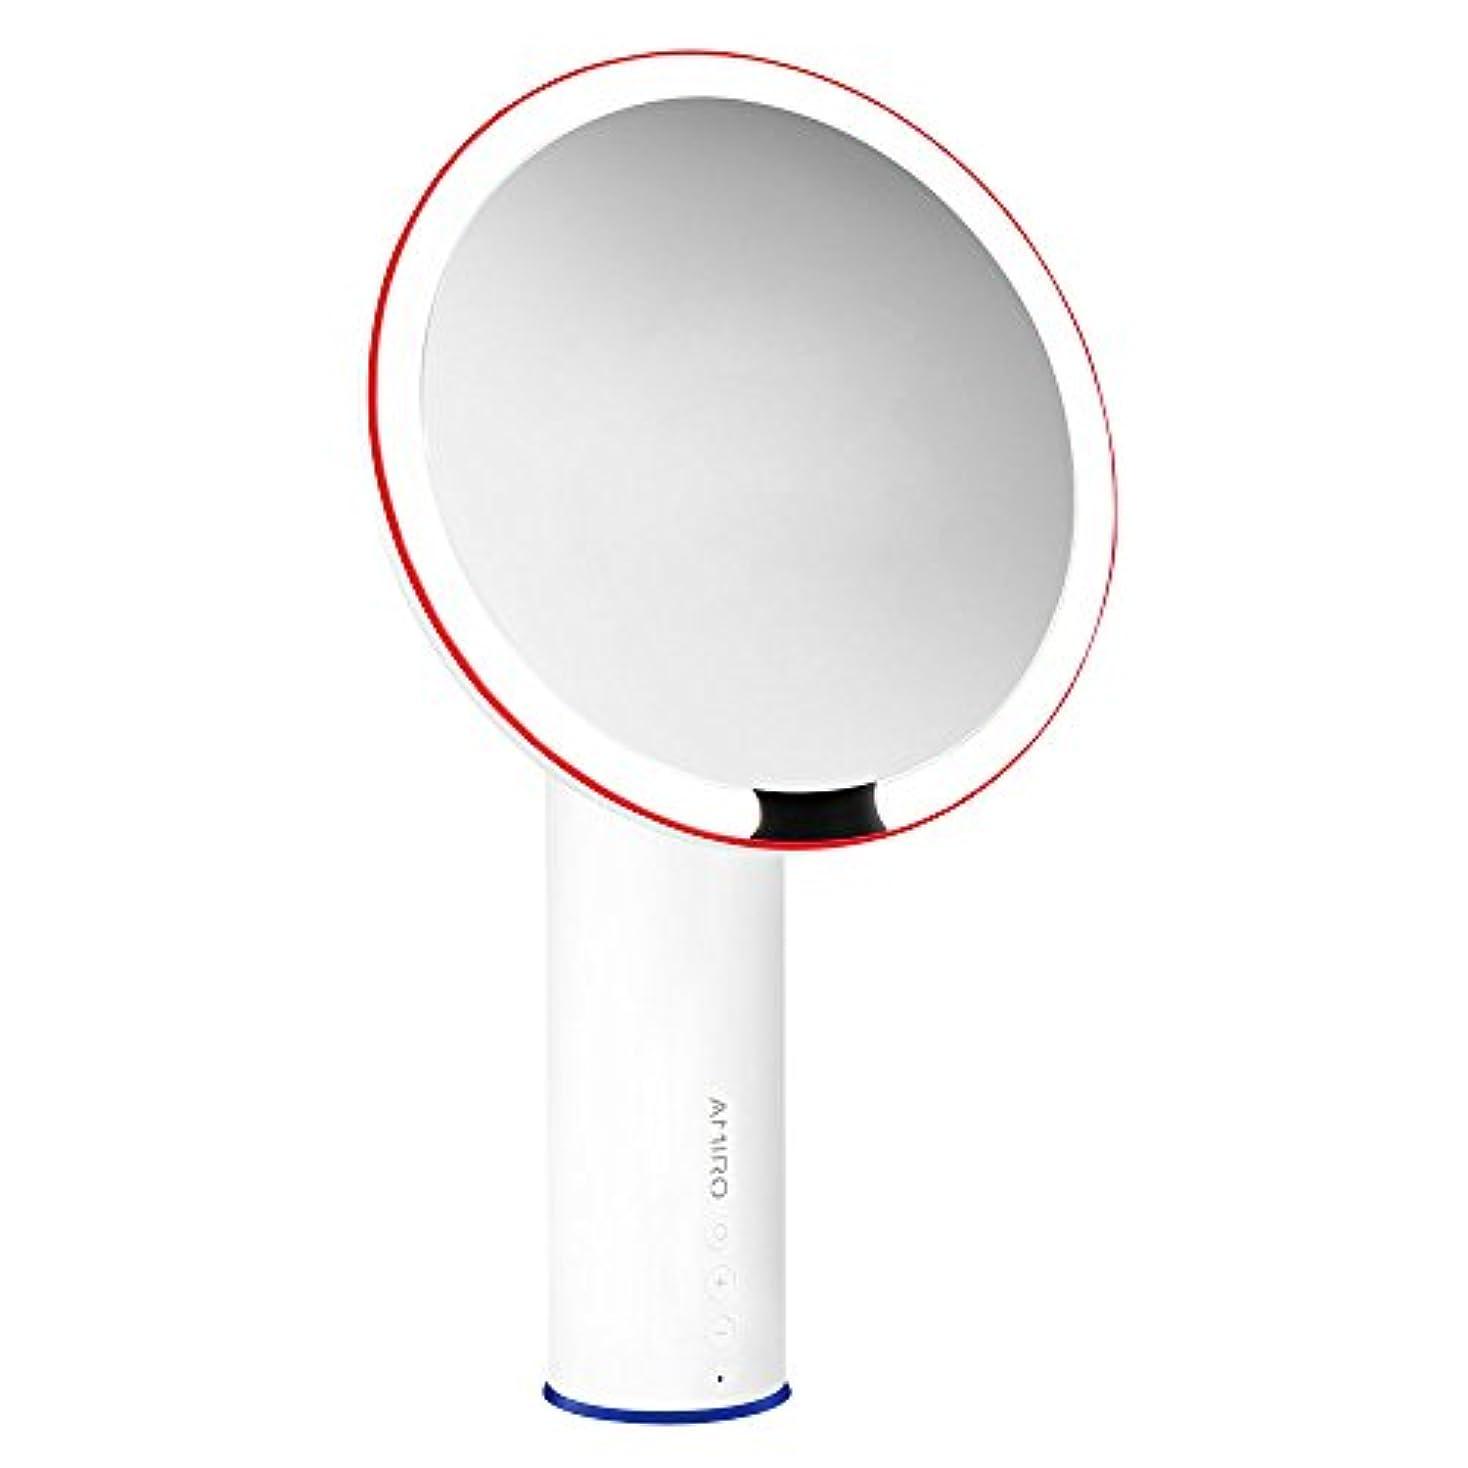 社会科ファセットサイトAMIRO LED化粧鏡 人感センサー付き 化粧ミラー LEDライト付き 卓上鏡 女優ミラー 3段階明るさ調節可能